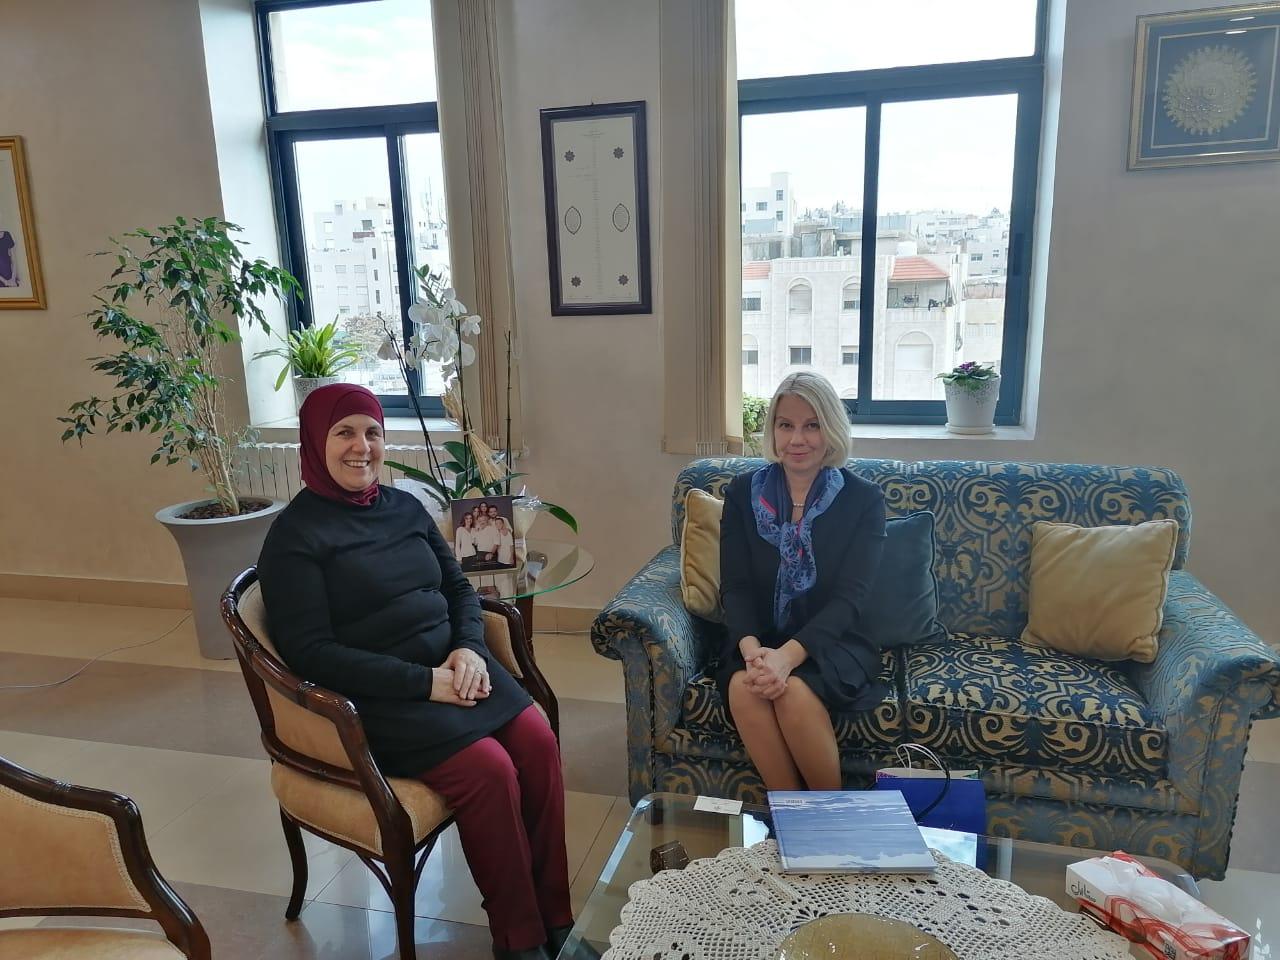 وزيرة التنمية الاجتماعية  تستقبل السفيرة الفنلندية المعتمدة لدى المملكة